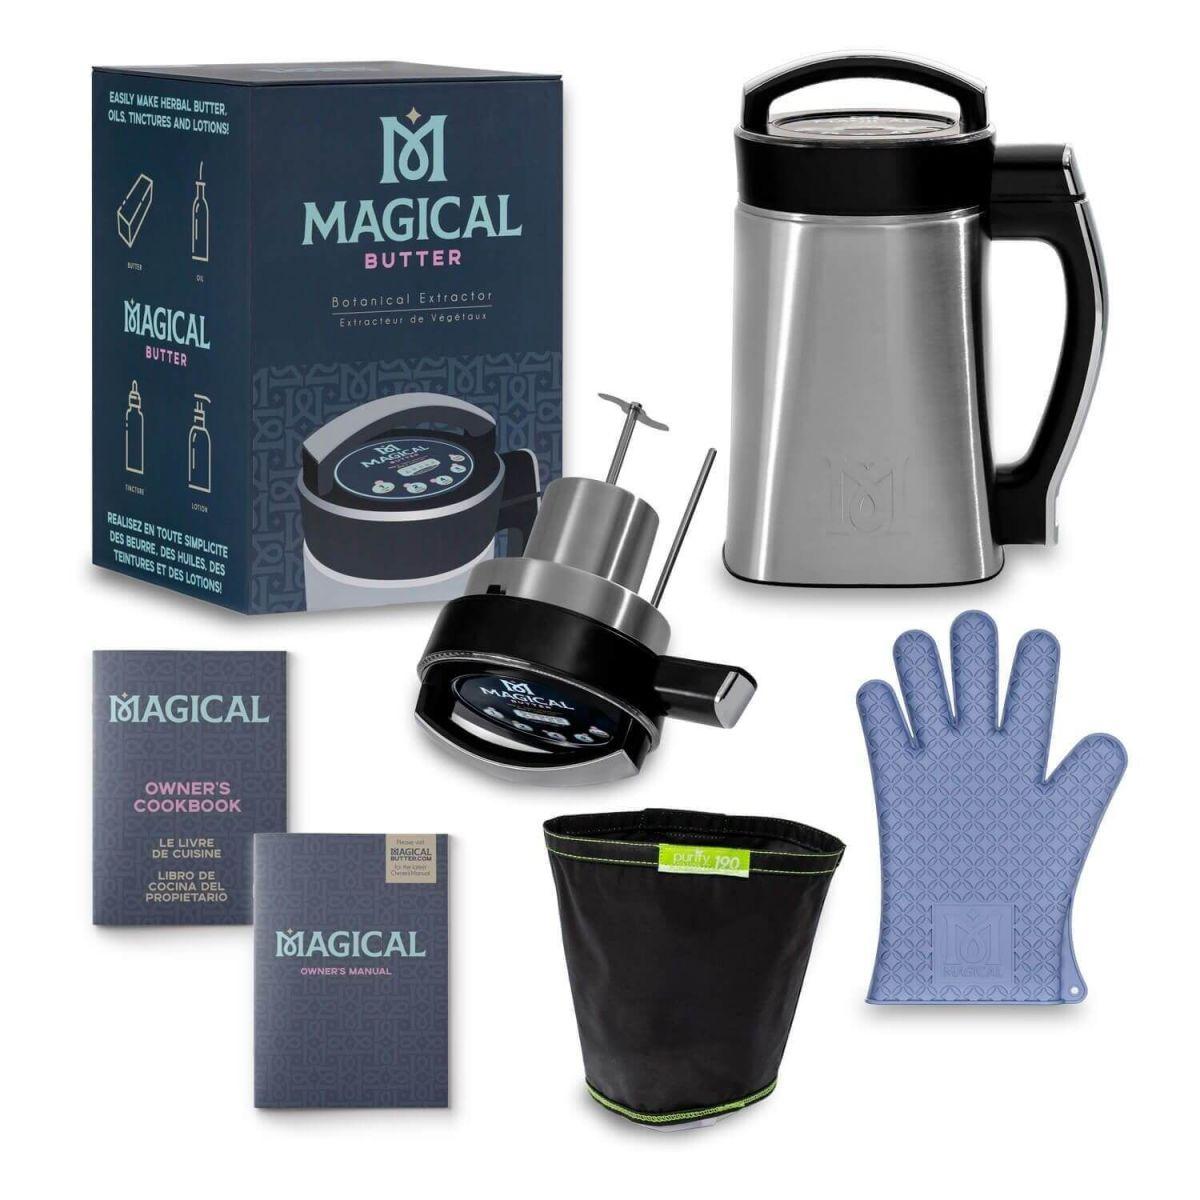 Magical Butter MB2e MagicalButter Machine